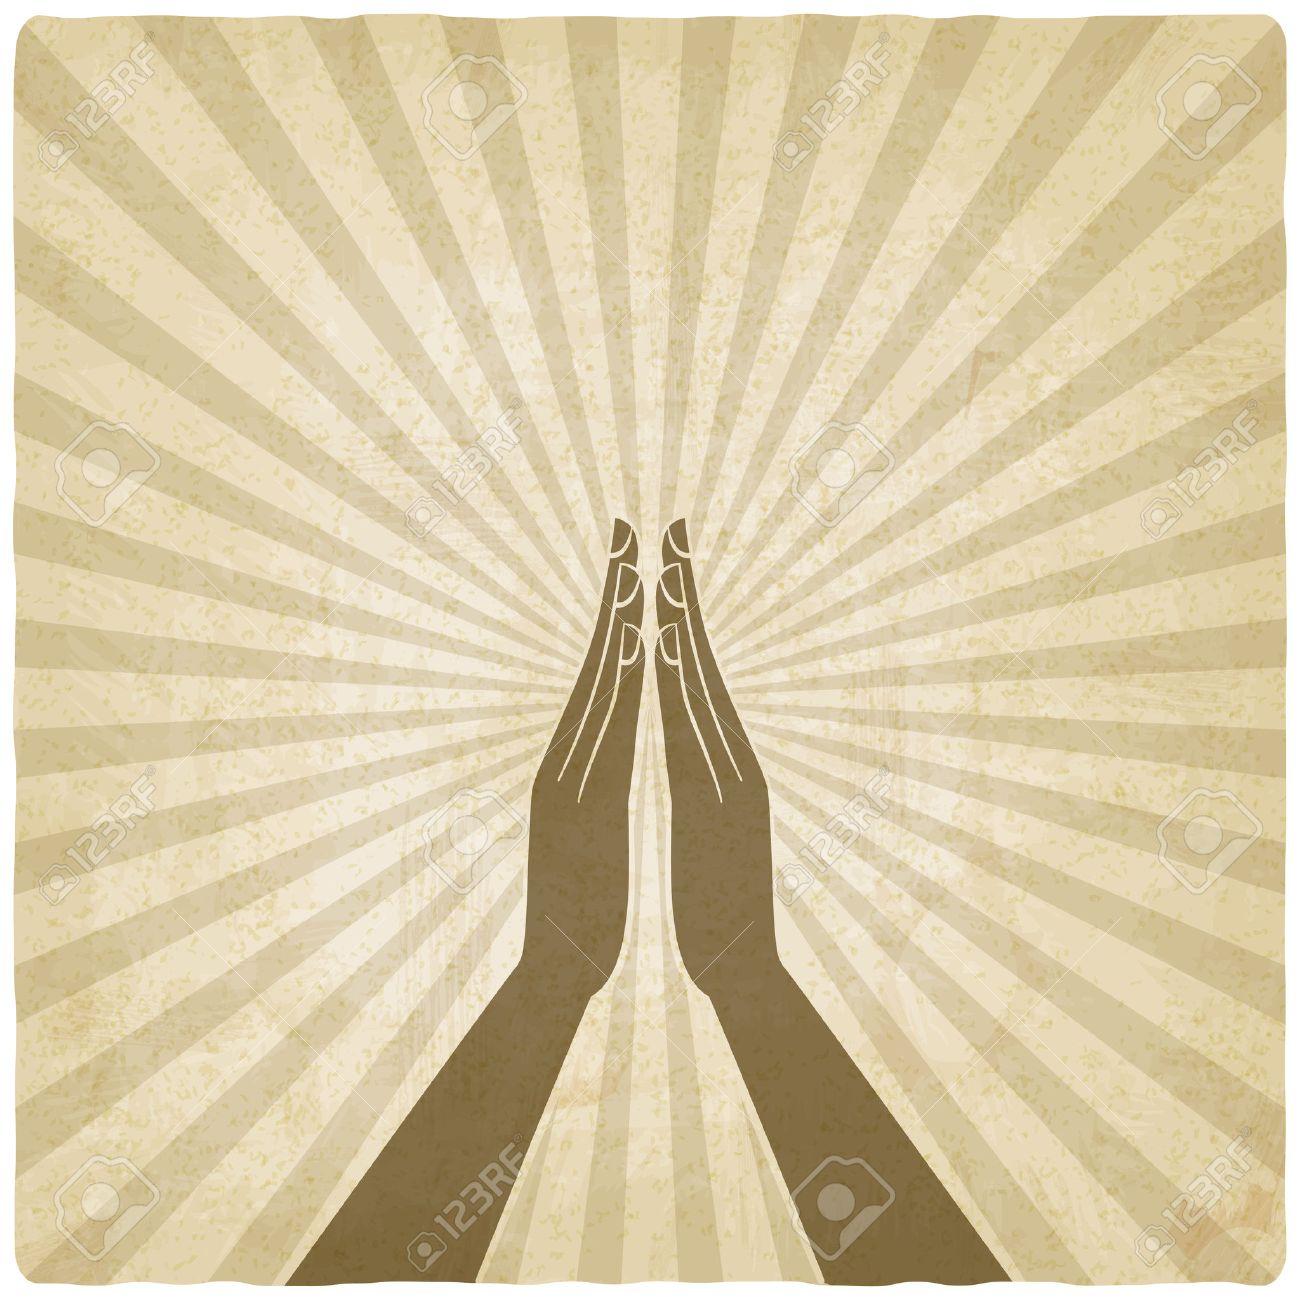 prayer hands symbol old background - vector illustration. eps 10 - 52068462